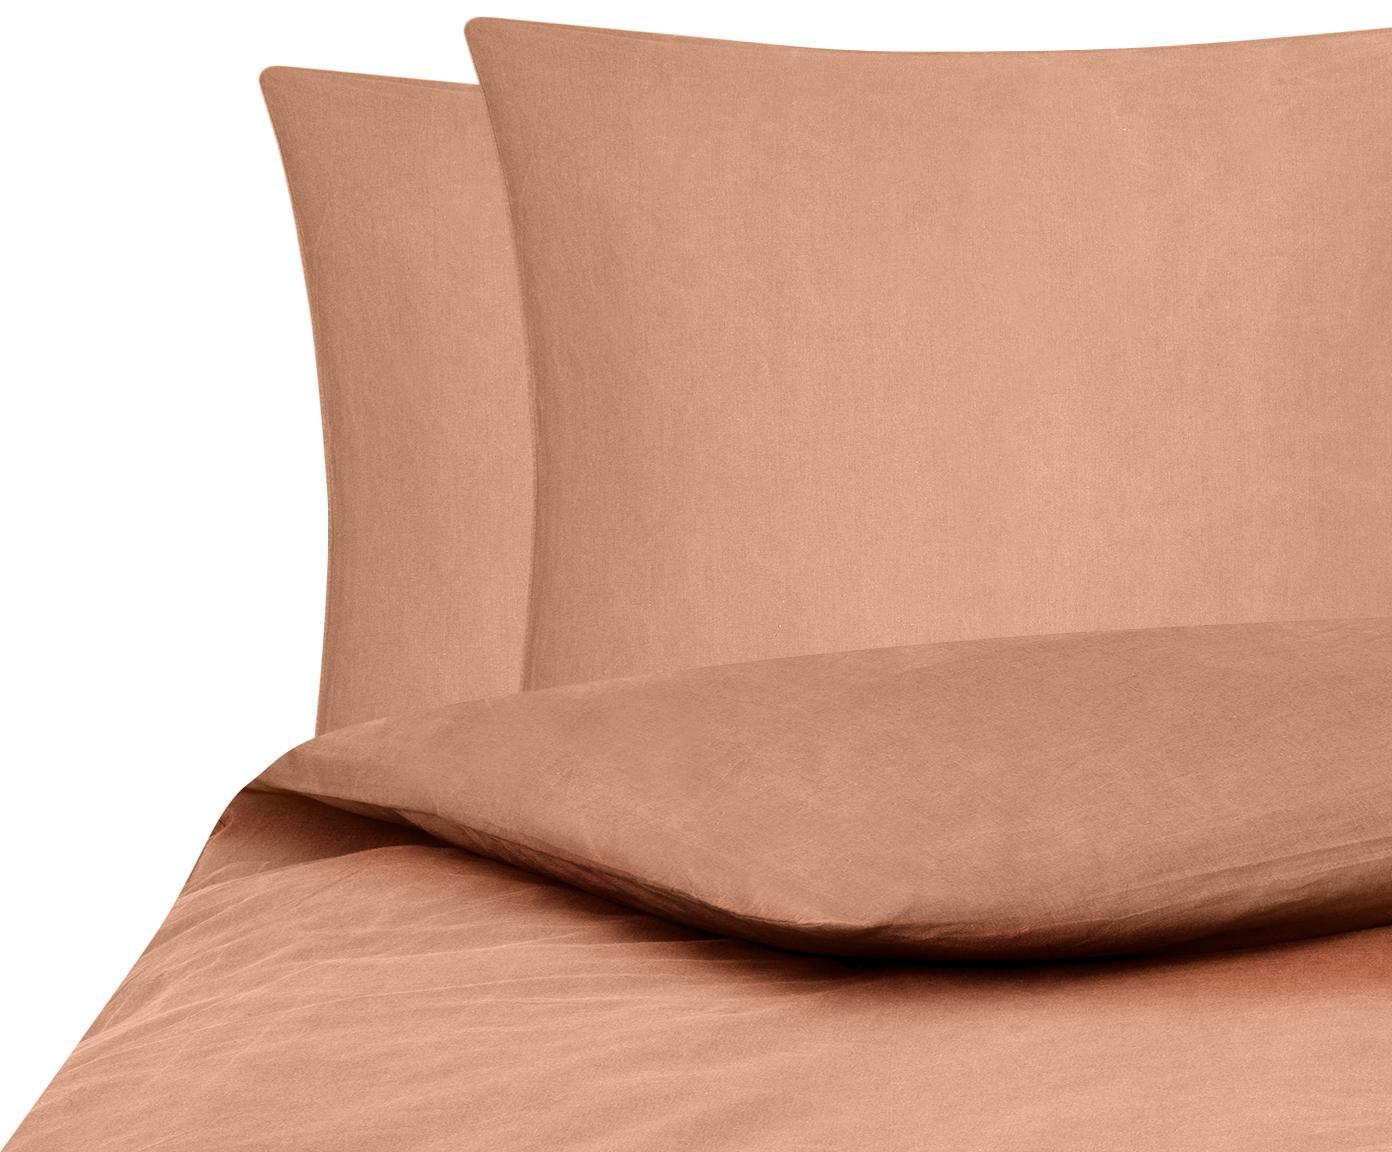 Gewaschene Baumwoll-Bettwäsche Arlene in Apricot, Webart: Renforcé Fadendichte 144 , Apricot, 200 x 200 cm + 2 Kissen 80 x 80 cm